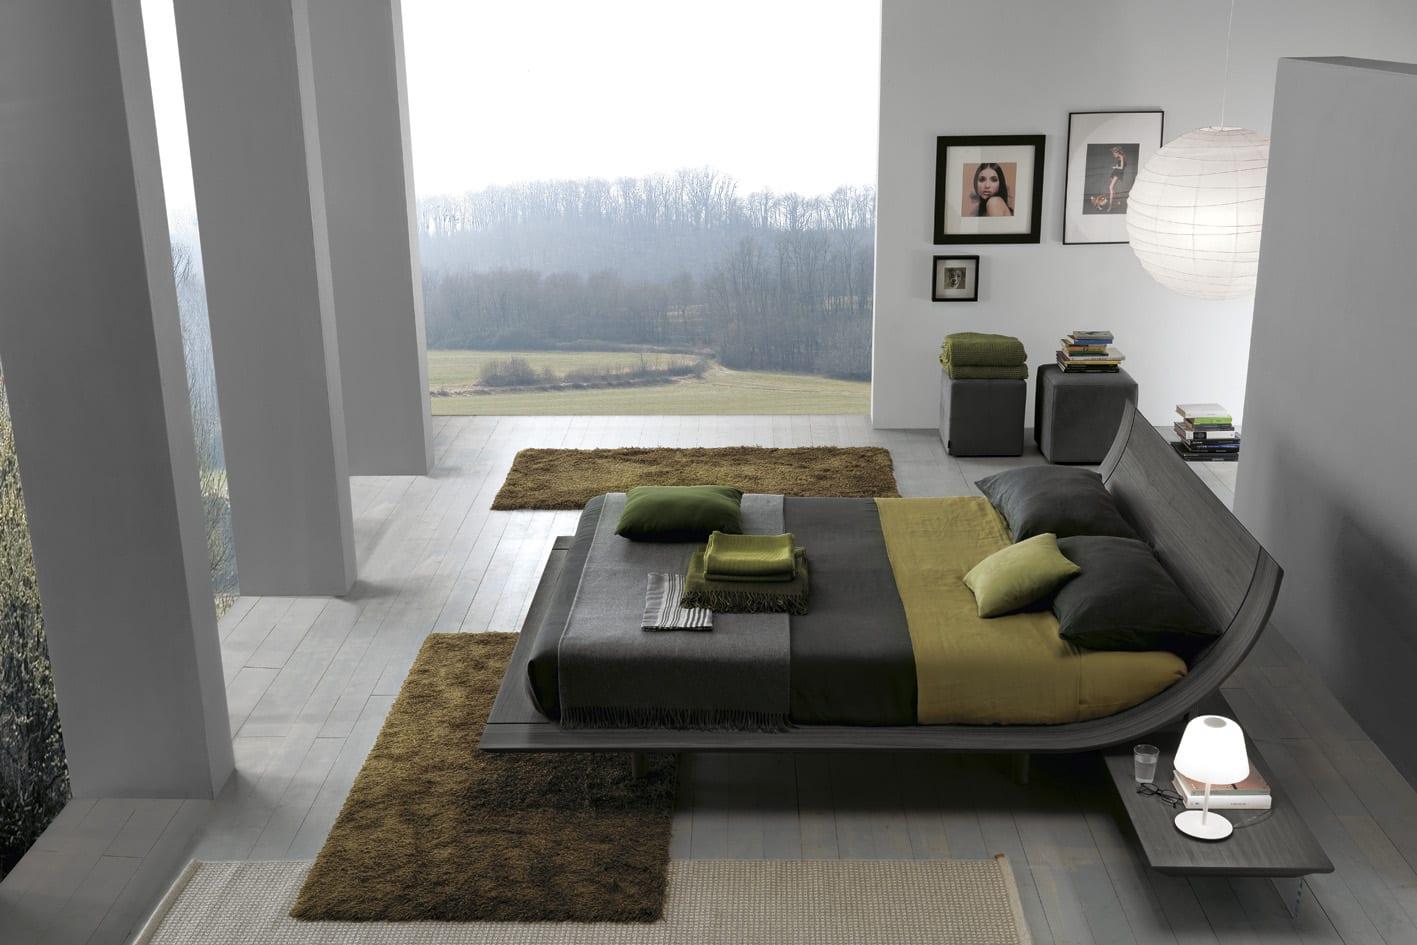 luxus schlafzimmer mit grauer wand und panoramafenstern-modernes bett und bettwäsche grau und grün